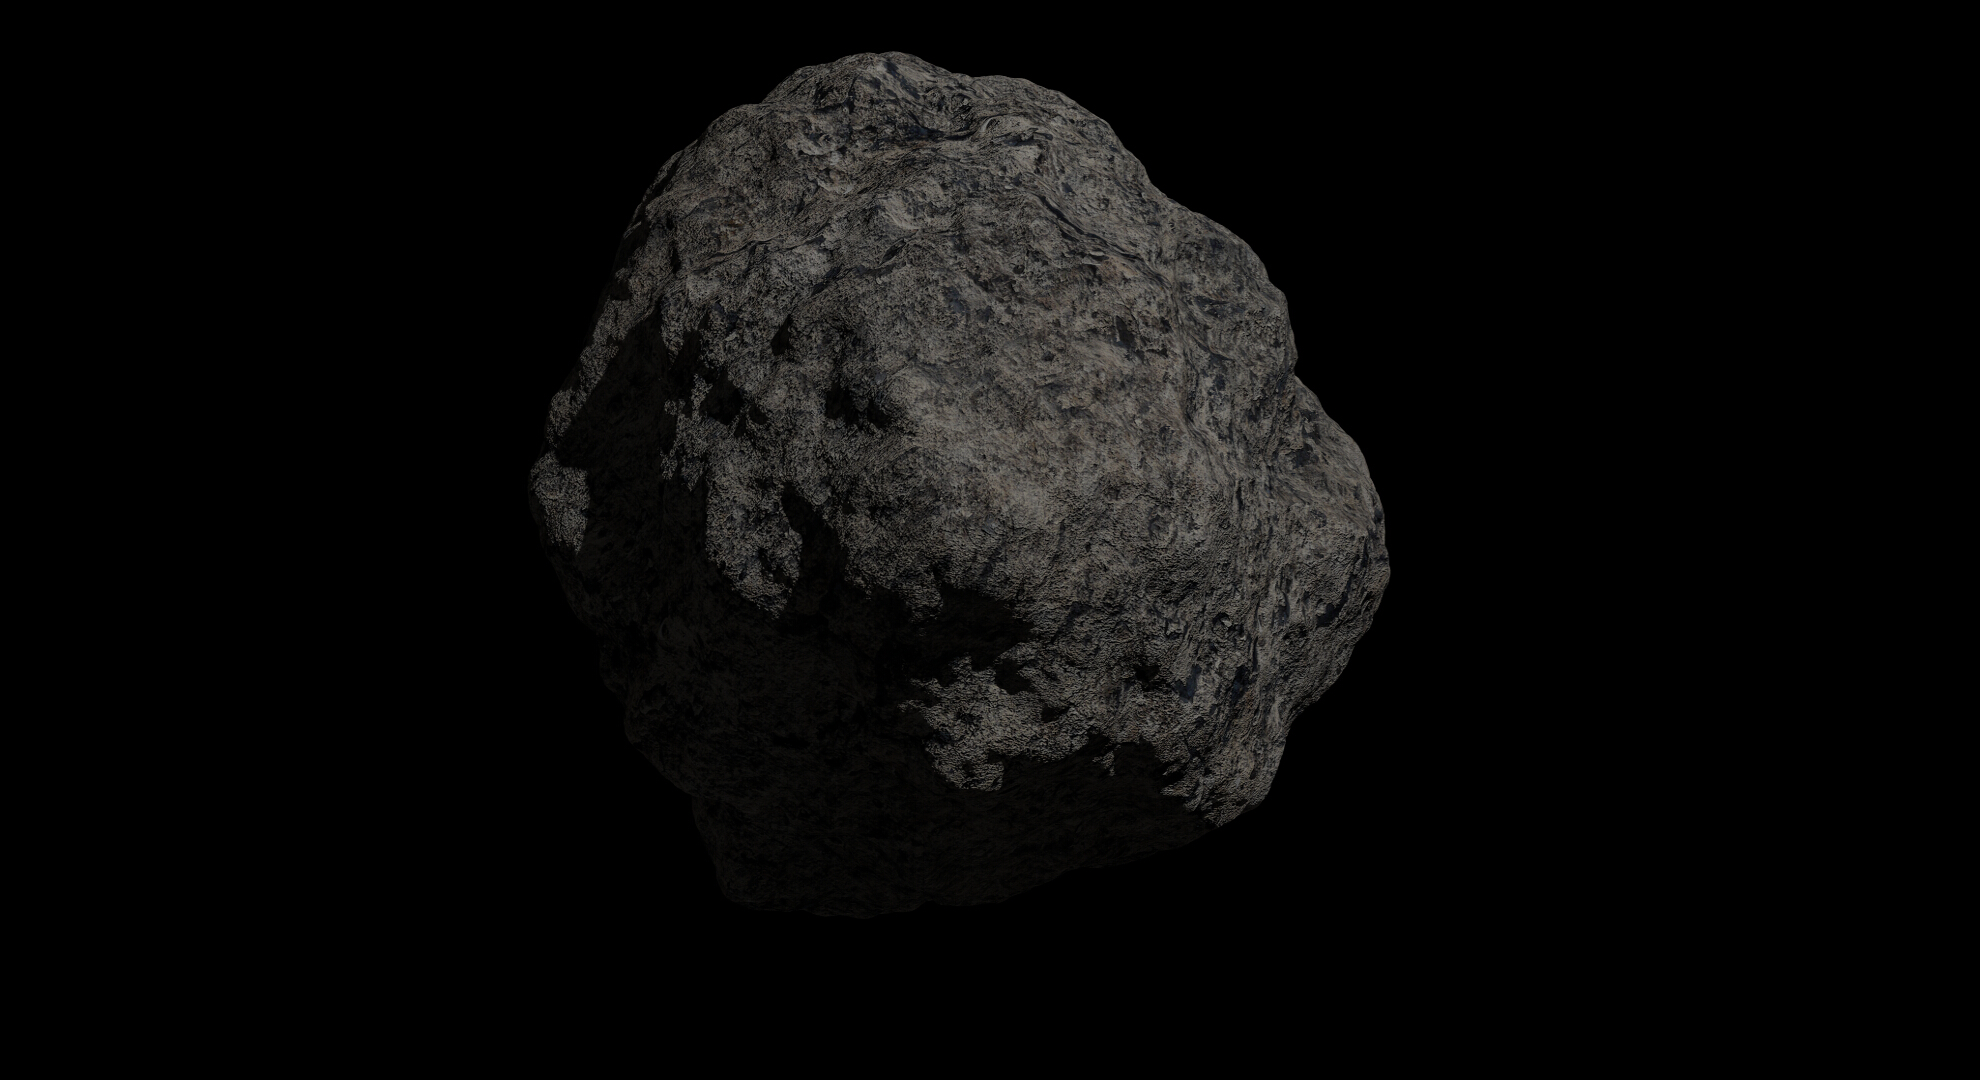 fantaziya asteroid 2 3d modeli 3s qarışığı da fbx obj 267199